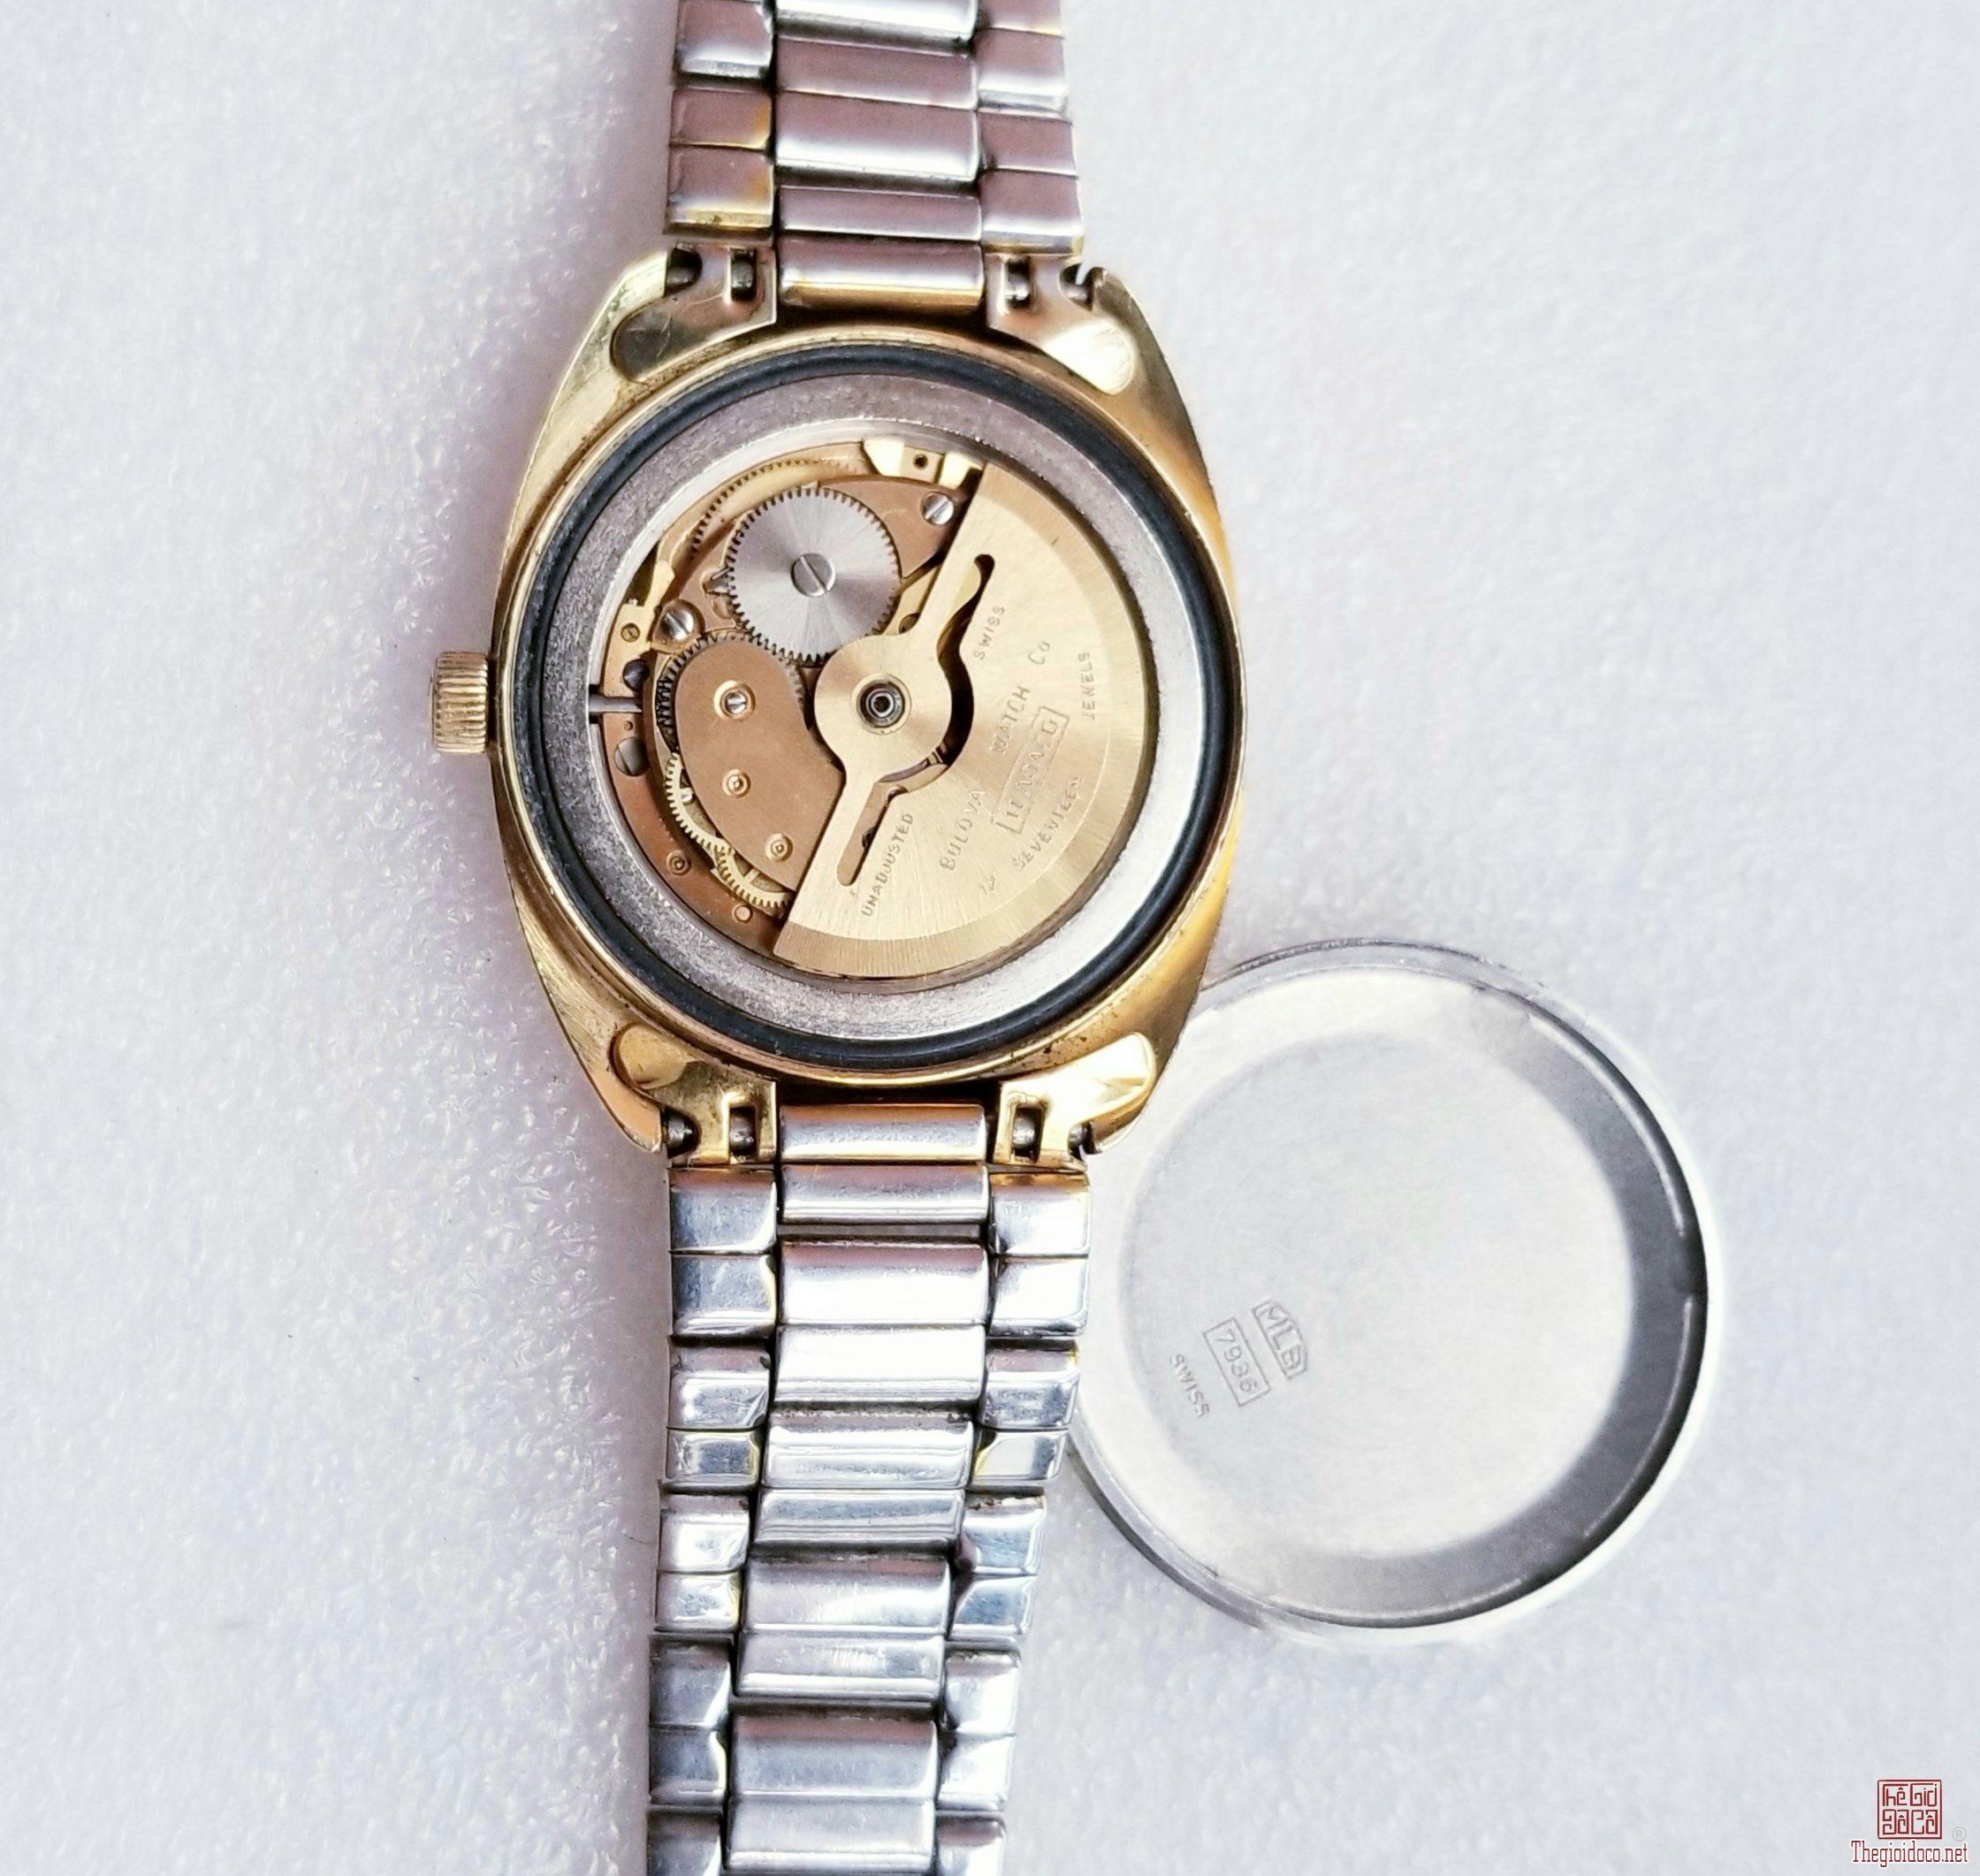 Đồng hồ xưa tự động BULOVA Thụy Sỹ